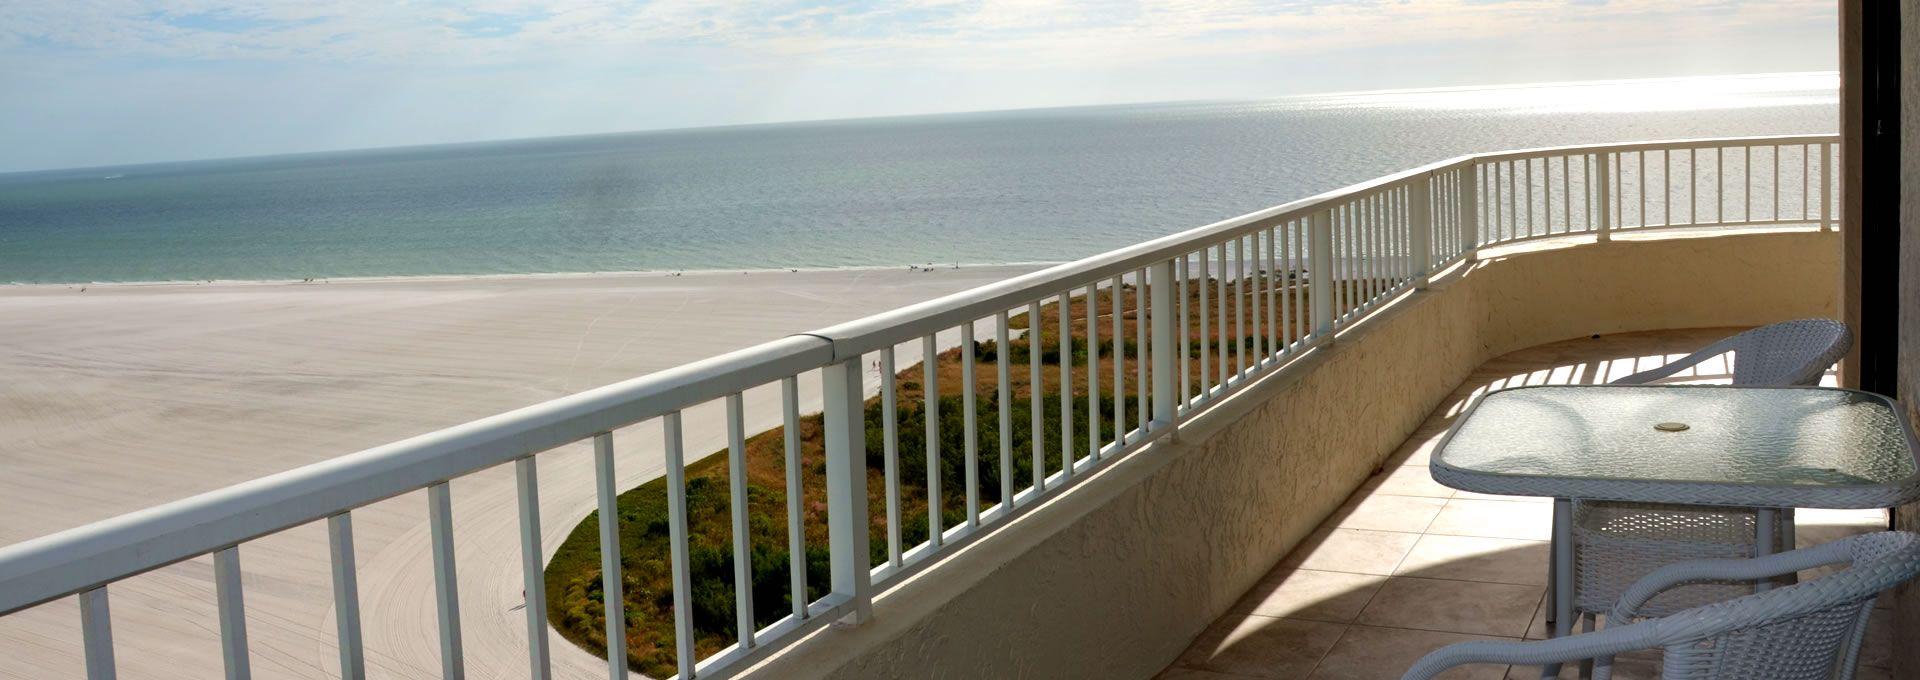 Marco Island Florida Oceanfront Condo